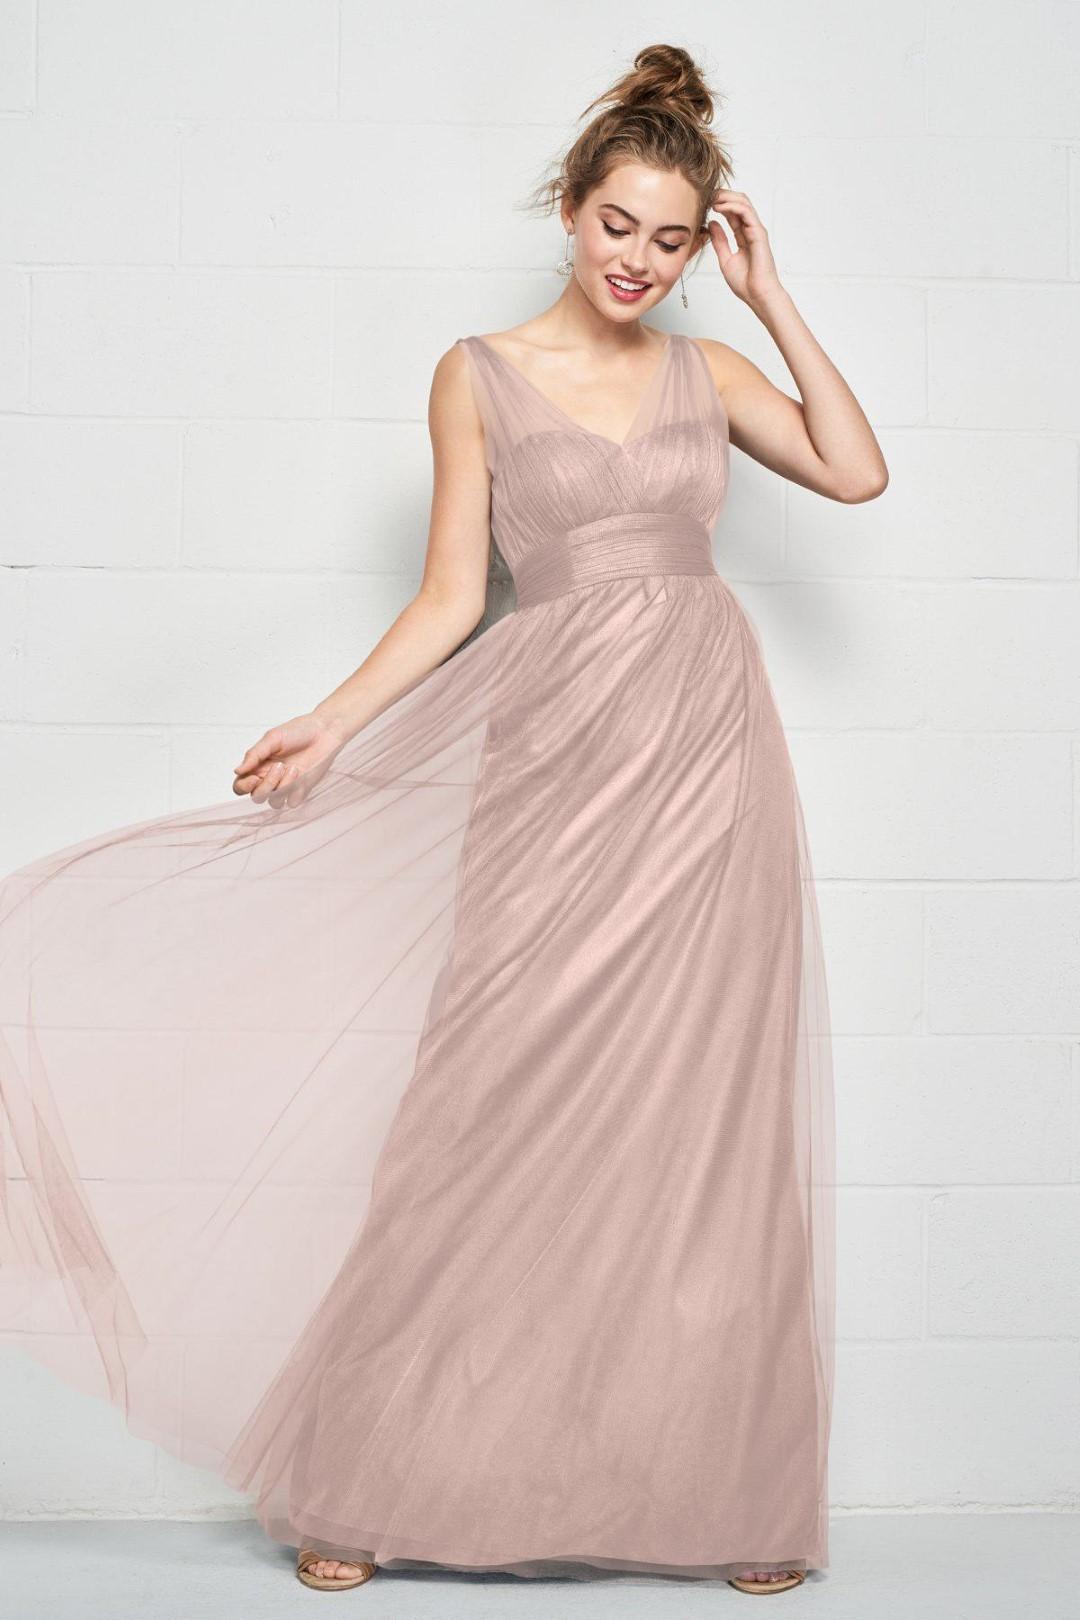 Vistoso Watters Wtoo Vestidos De Dama Viñeta - Ideas de Estilos de ...